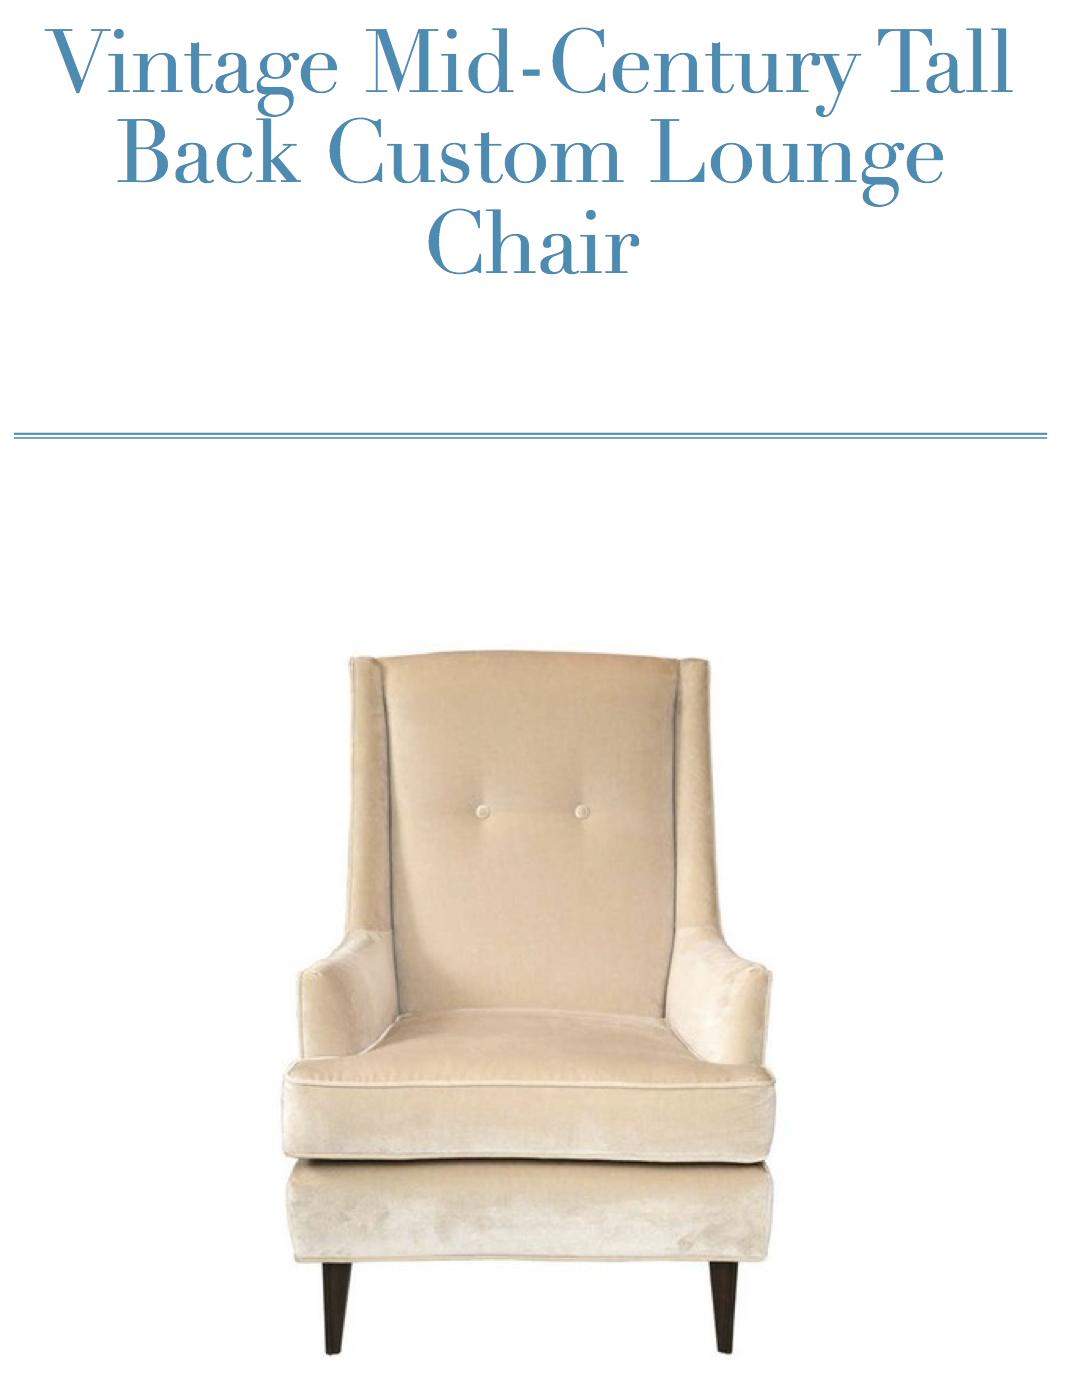 vintage mid-century tall back custom lounge chair